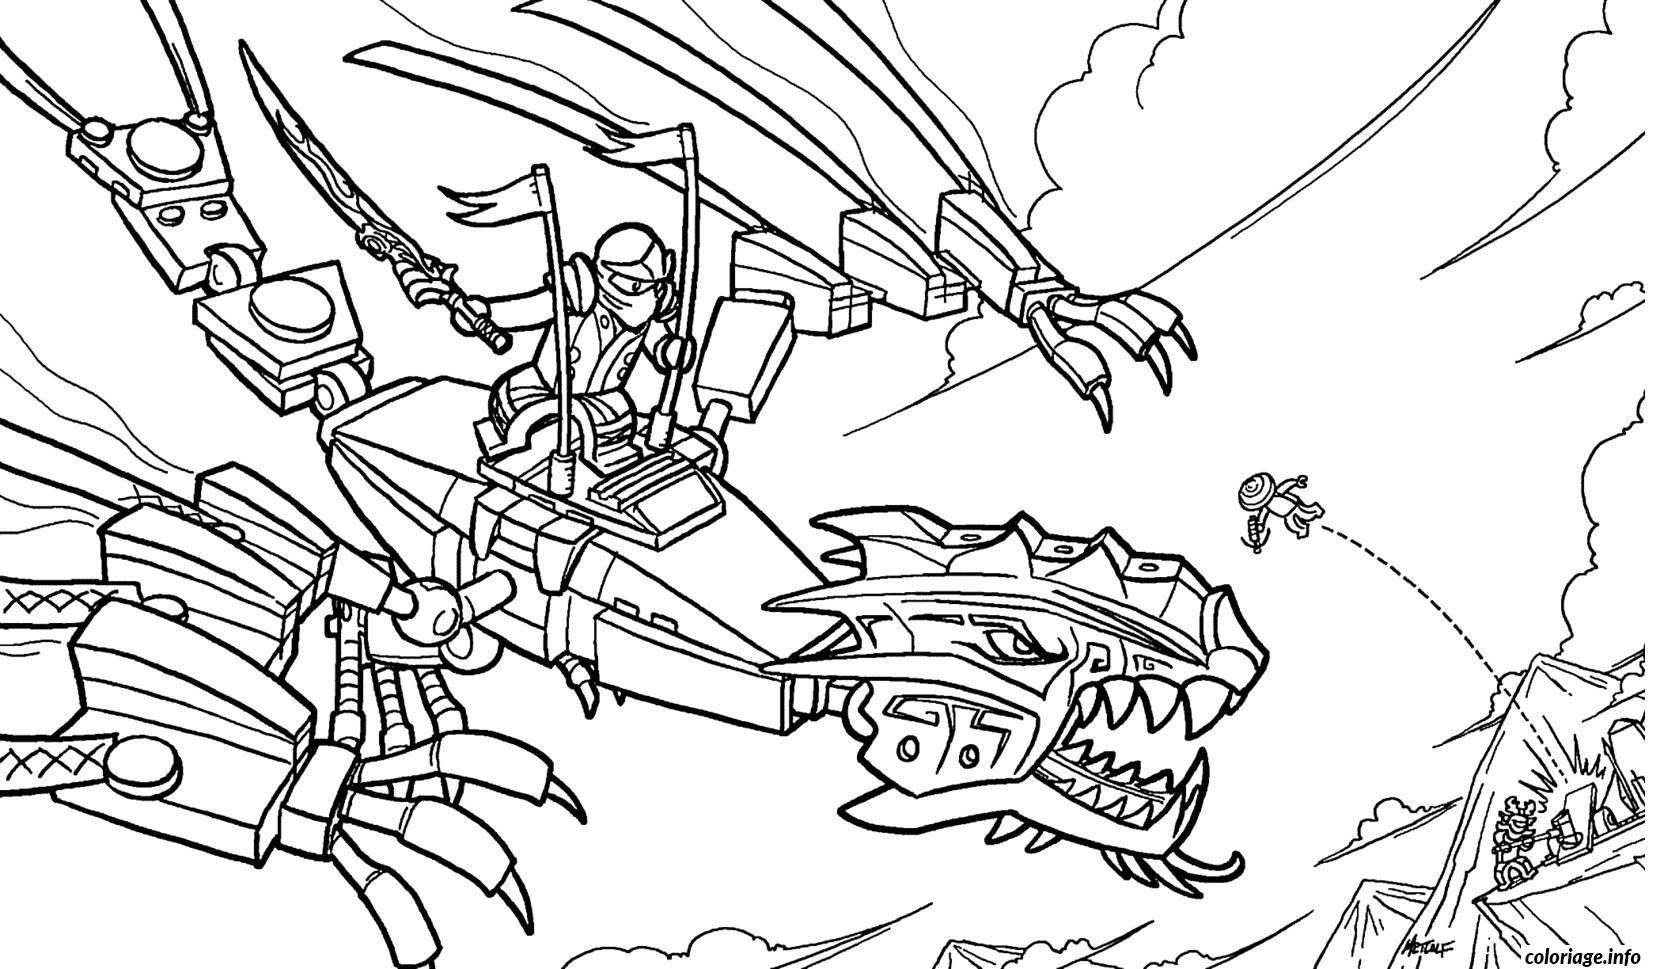 Coloriage Ninjago Sur Un Dragon Ninja Dessin A Imprimer